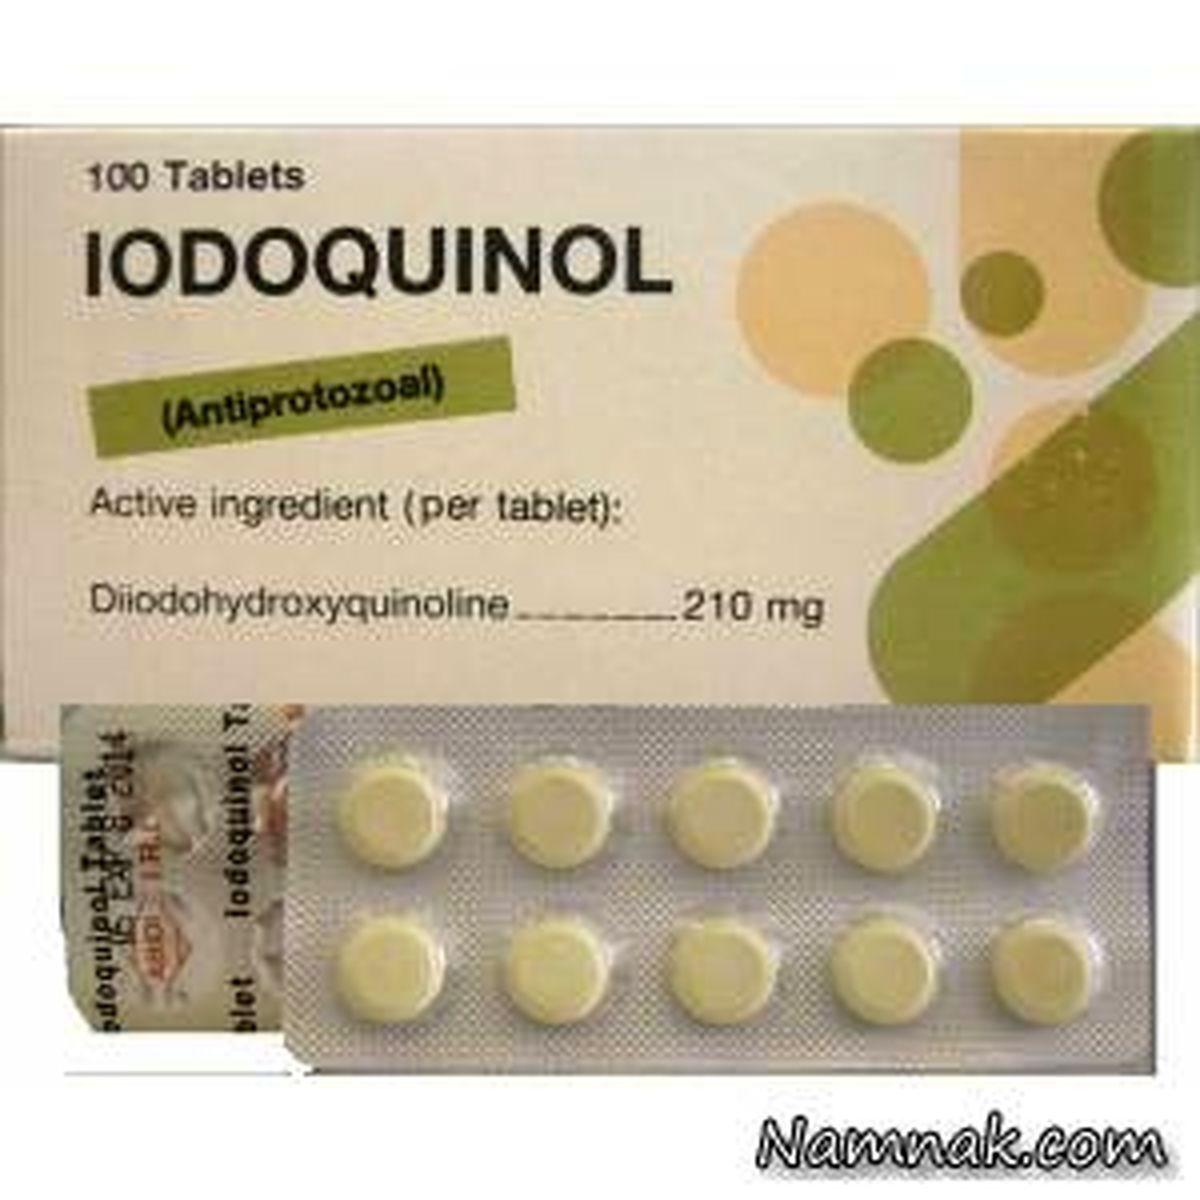 قرص یدوکینول چیست ؟ + عوارض